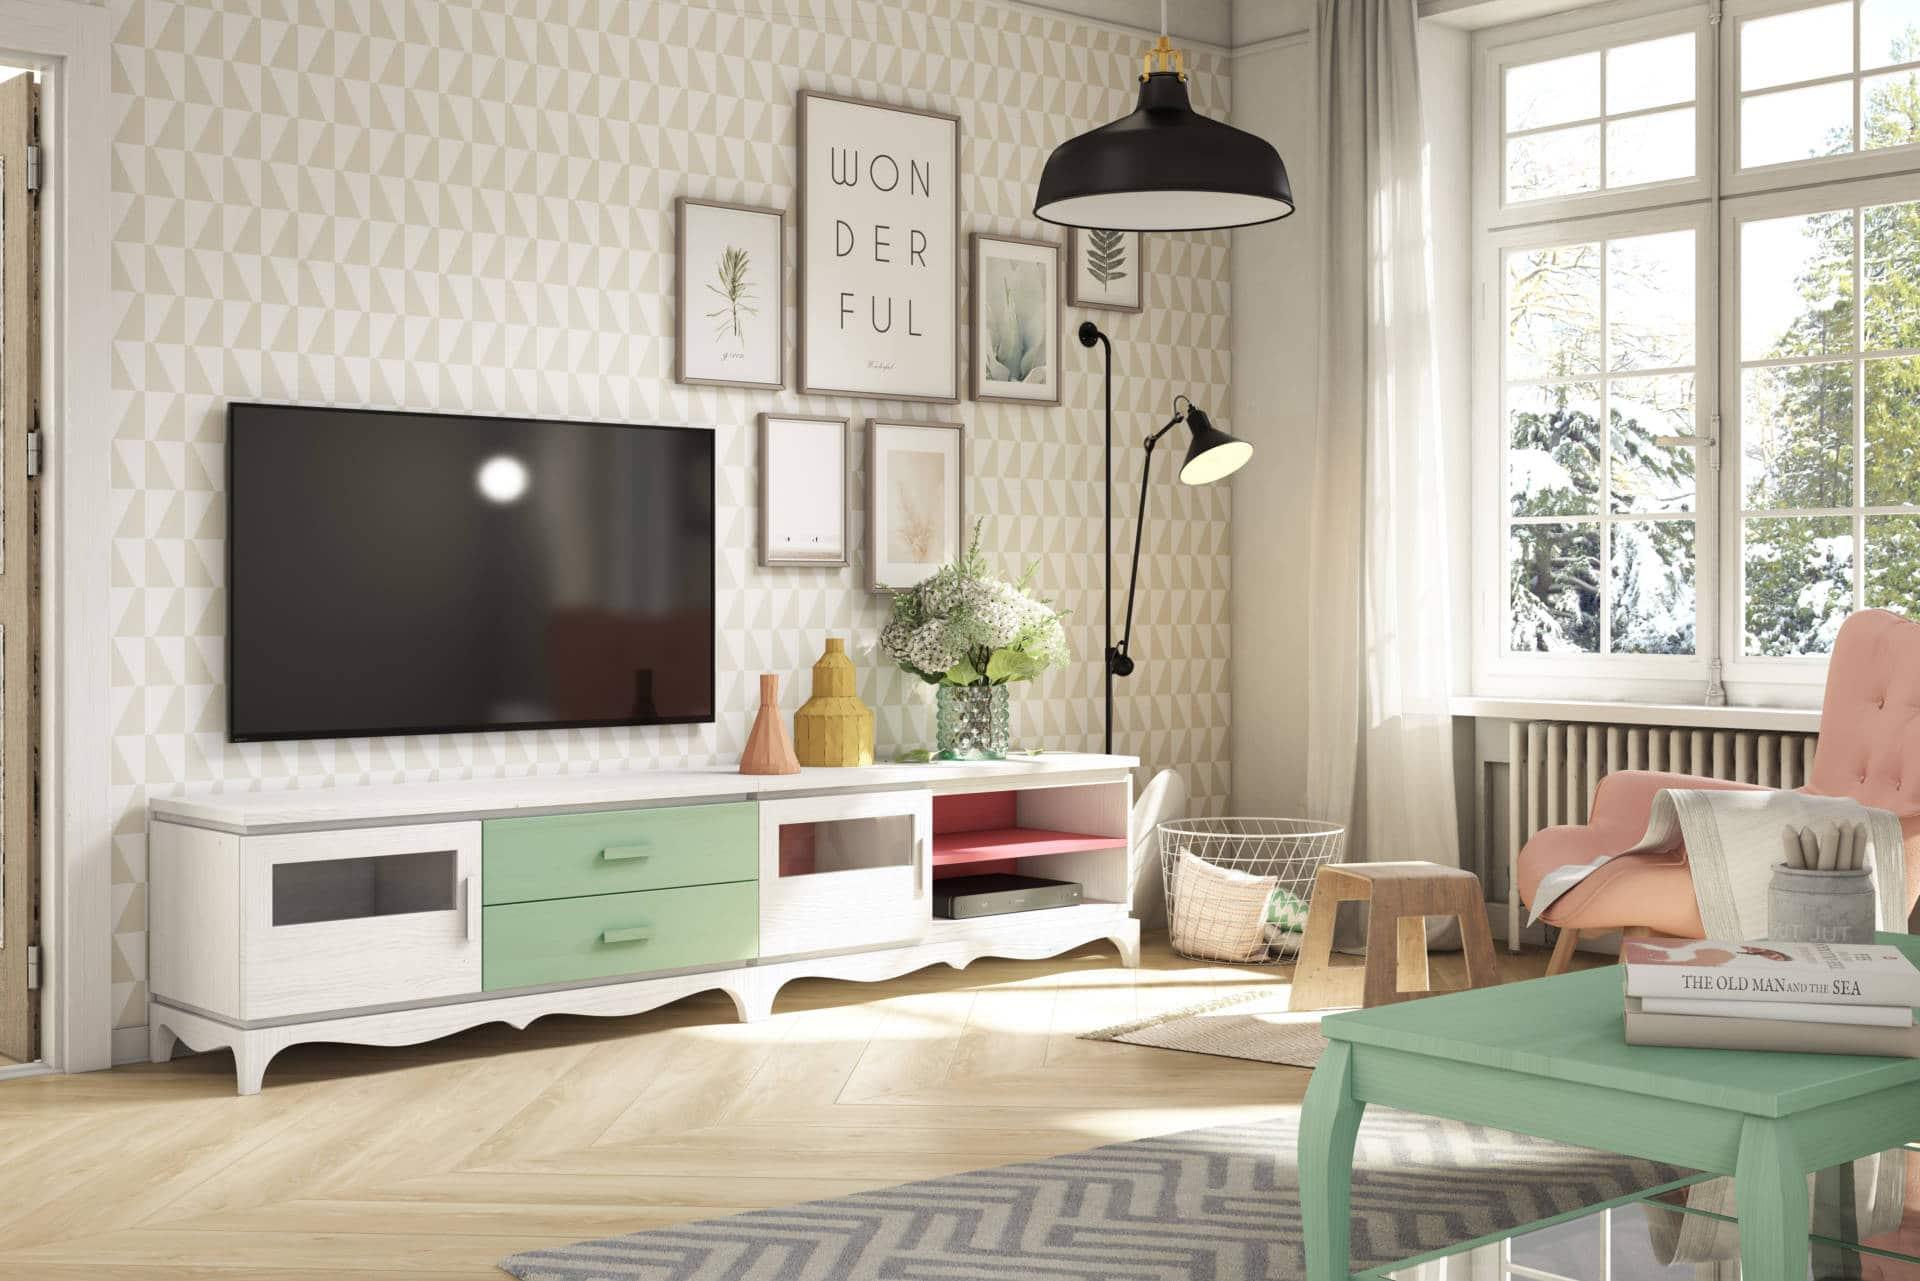 Muebles Salon Rusticos Interesting Muebles Salon Rusticos With